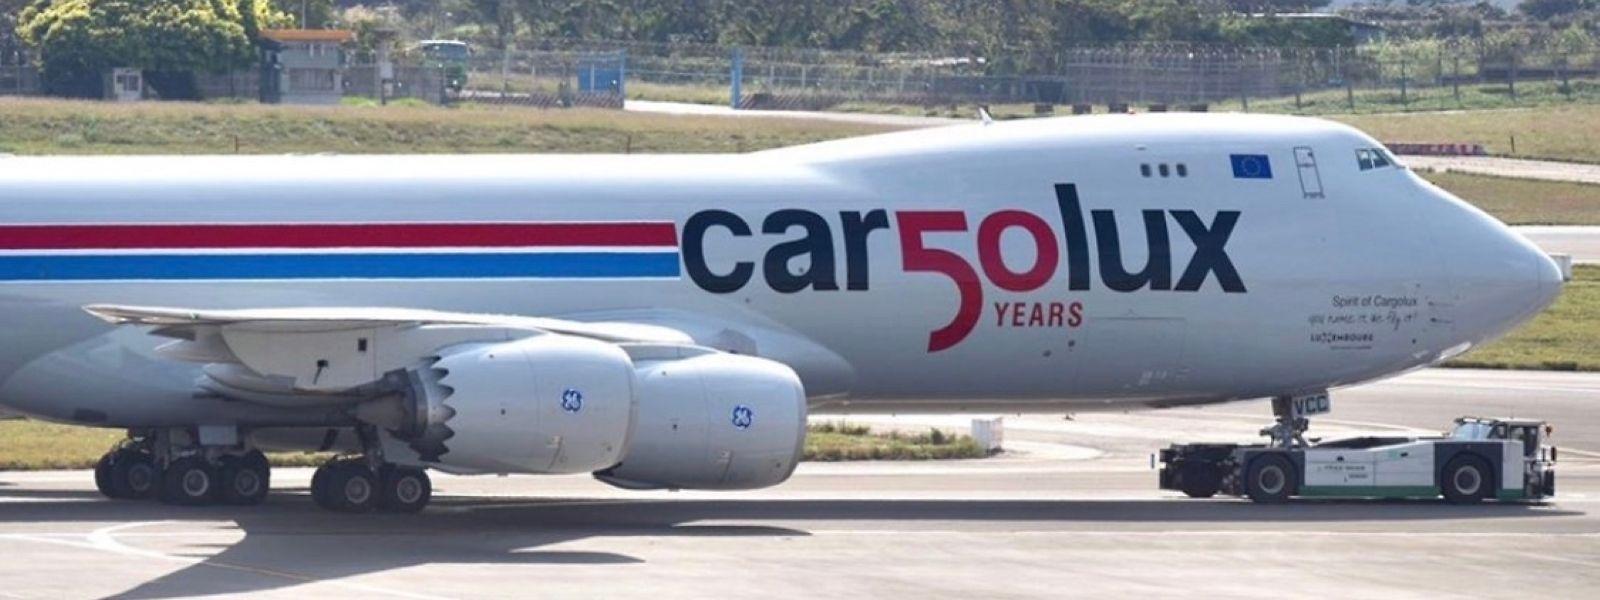 Vor dem Start in Taipeh: der Cargolux Jumbo mit dem Jubiläums-Logo: 50 Jahre Cargolux.